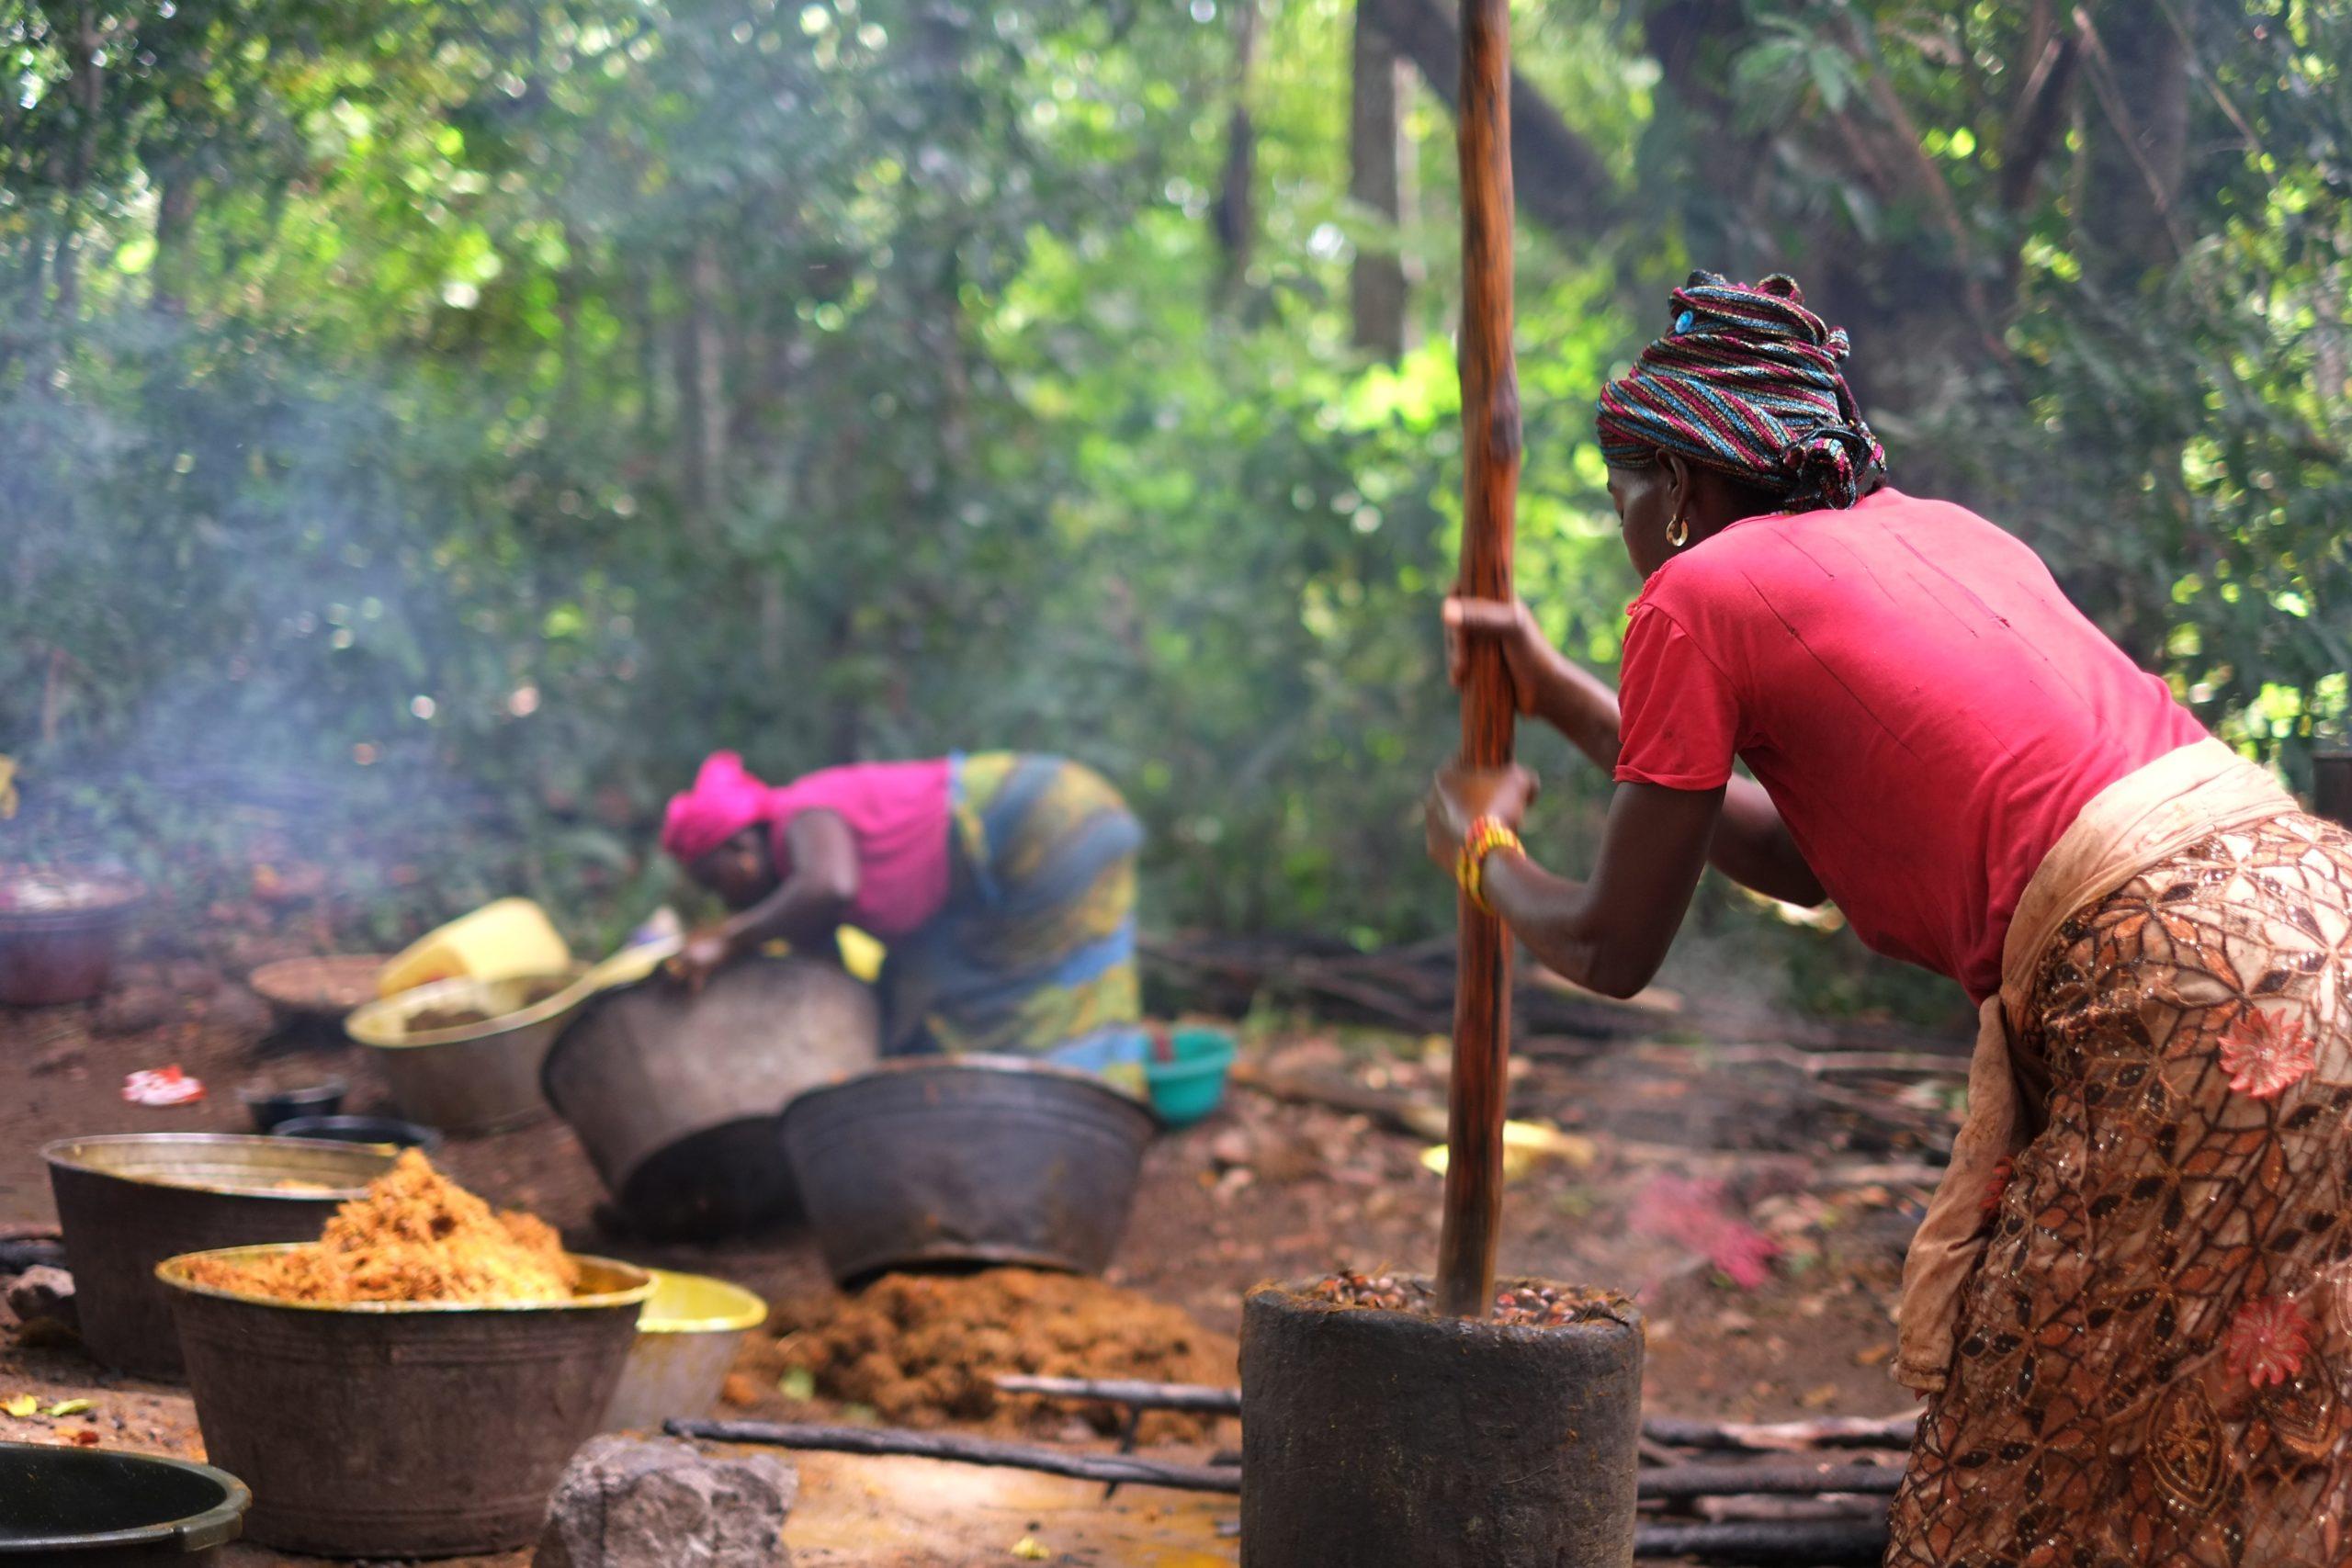 几内亚传统的棕榈油榨取法:将棕榈果烹煮后手工碾碎。图片来源:Uzabiaga /维基共享资源,CC BY SA)